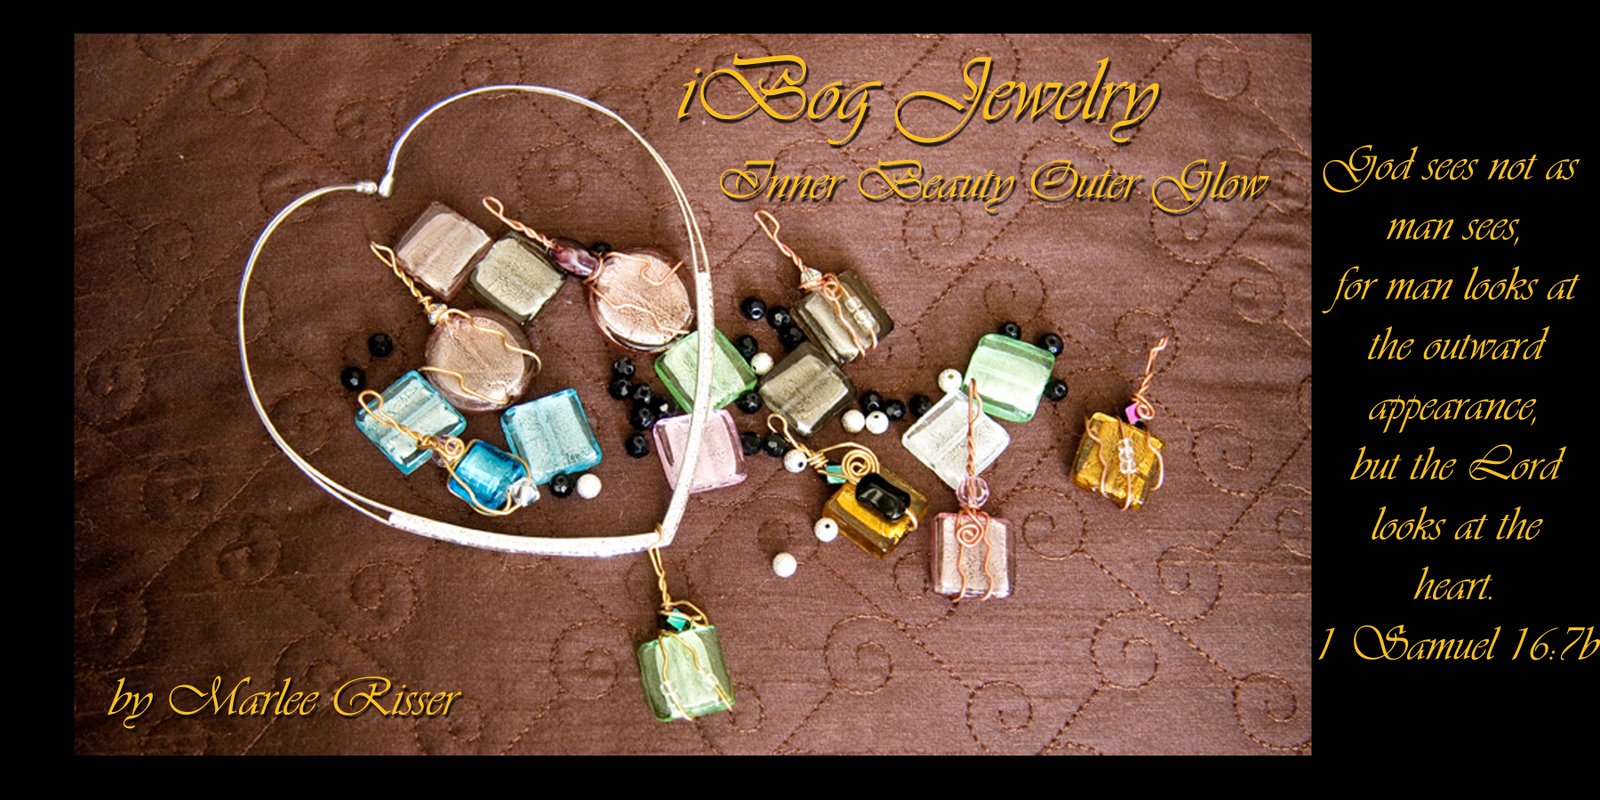 iBog Jewelry